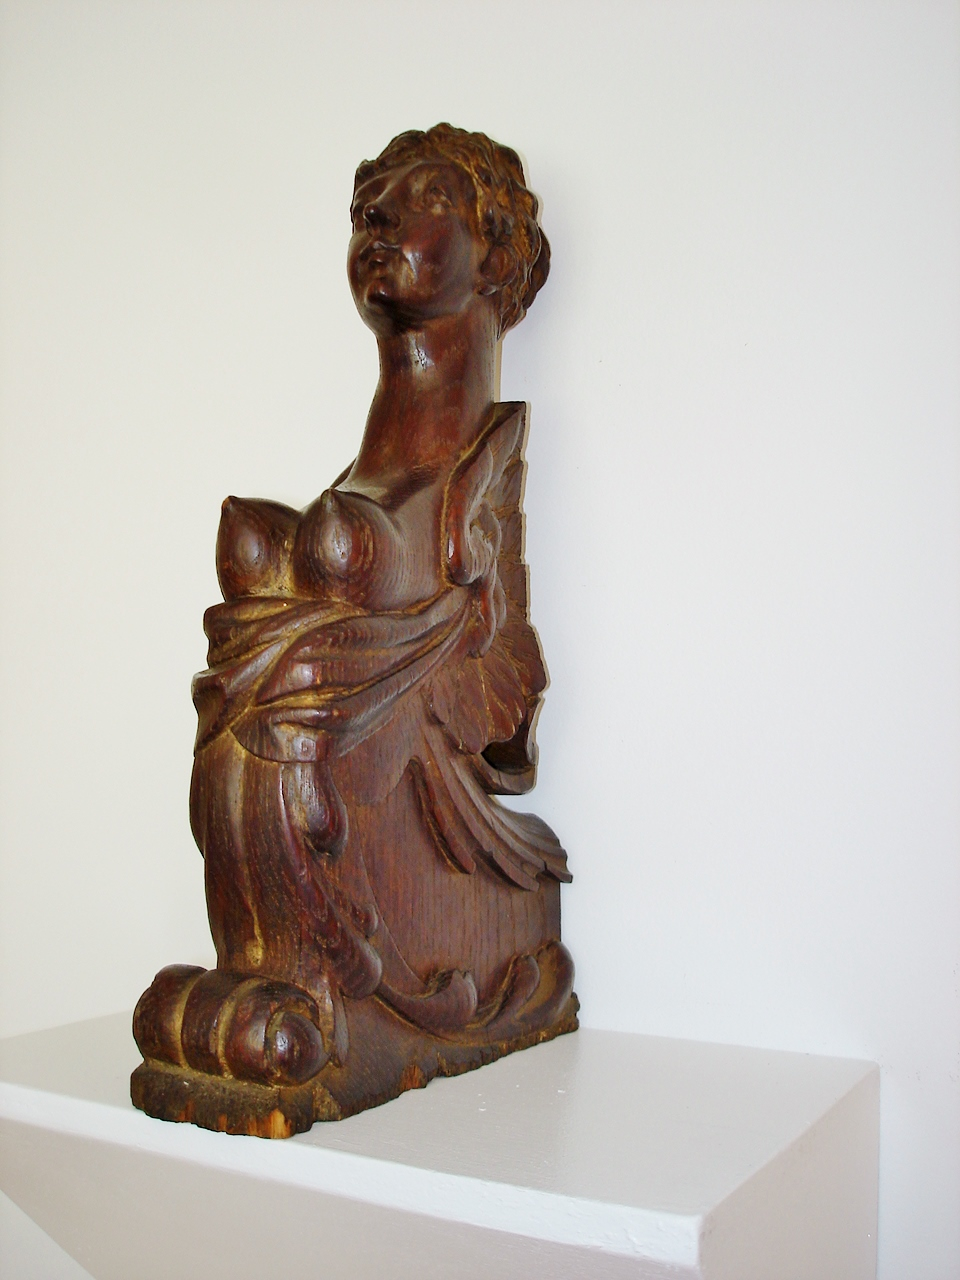 Slut in Tefe